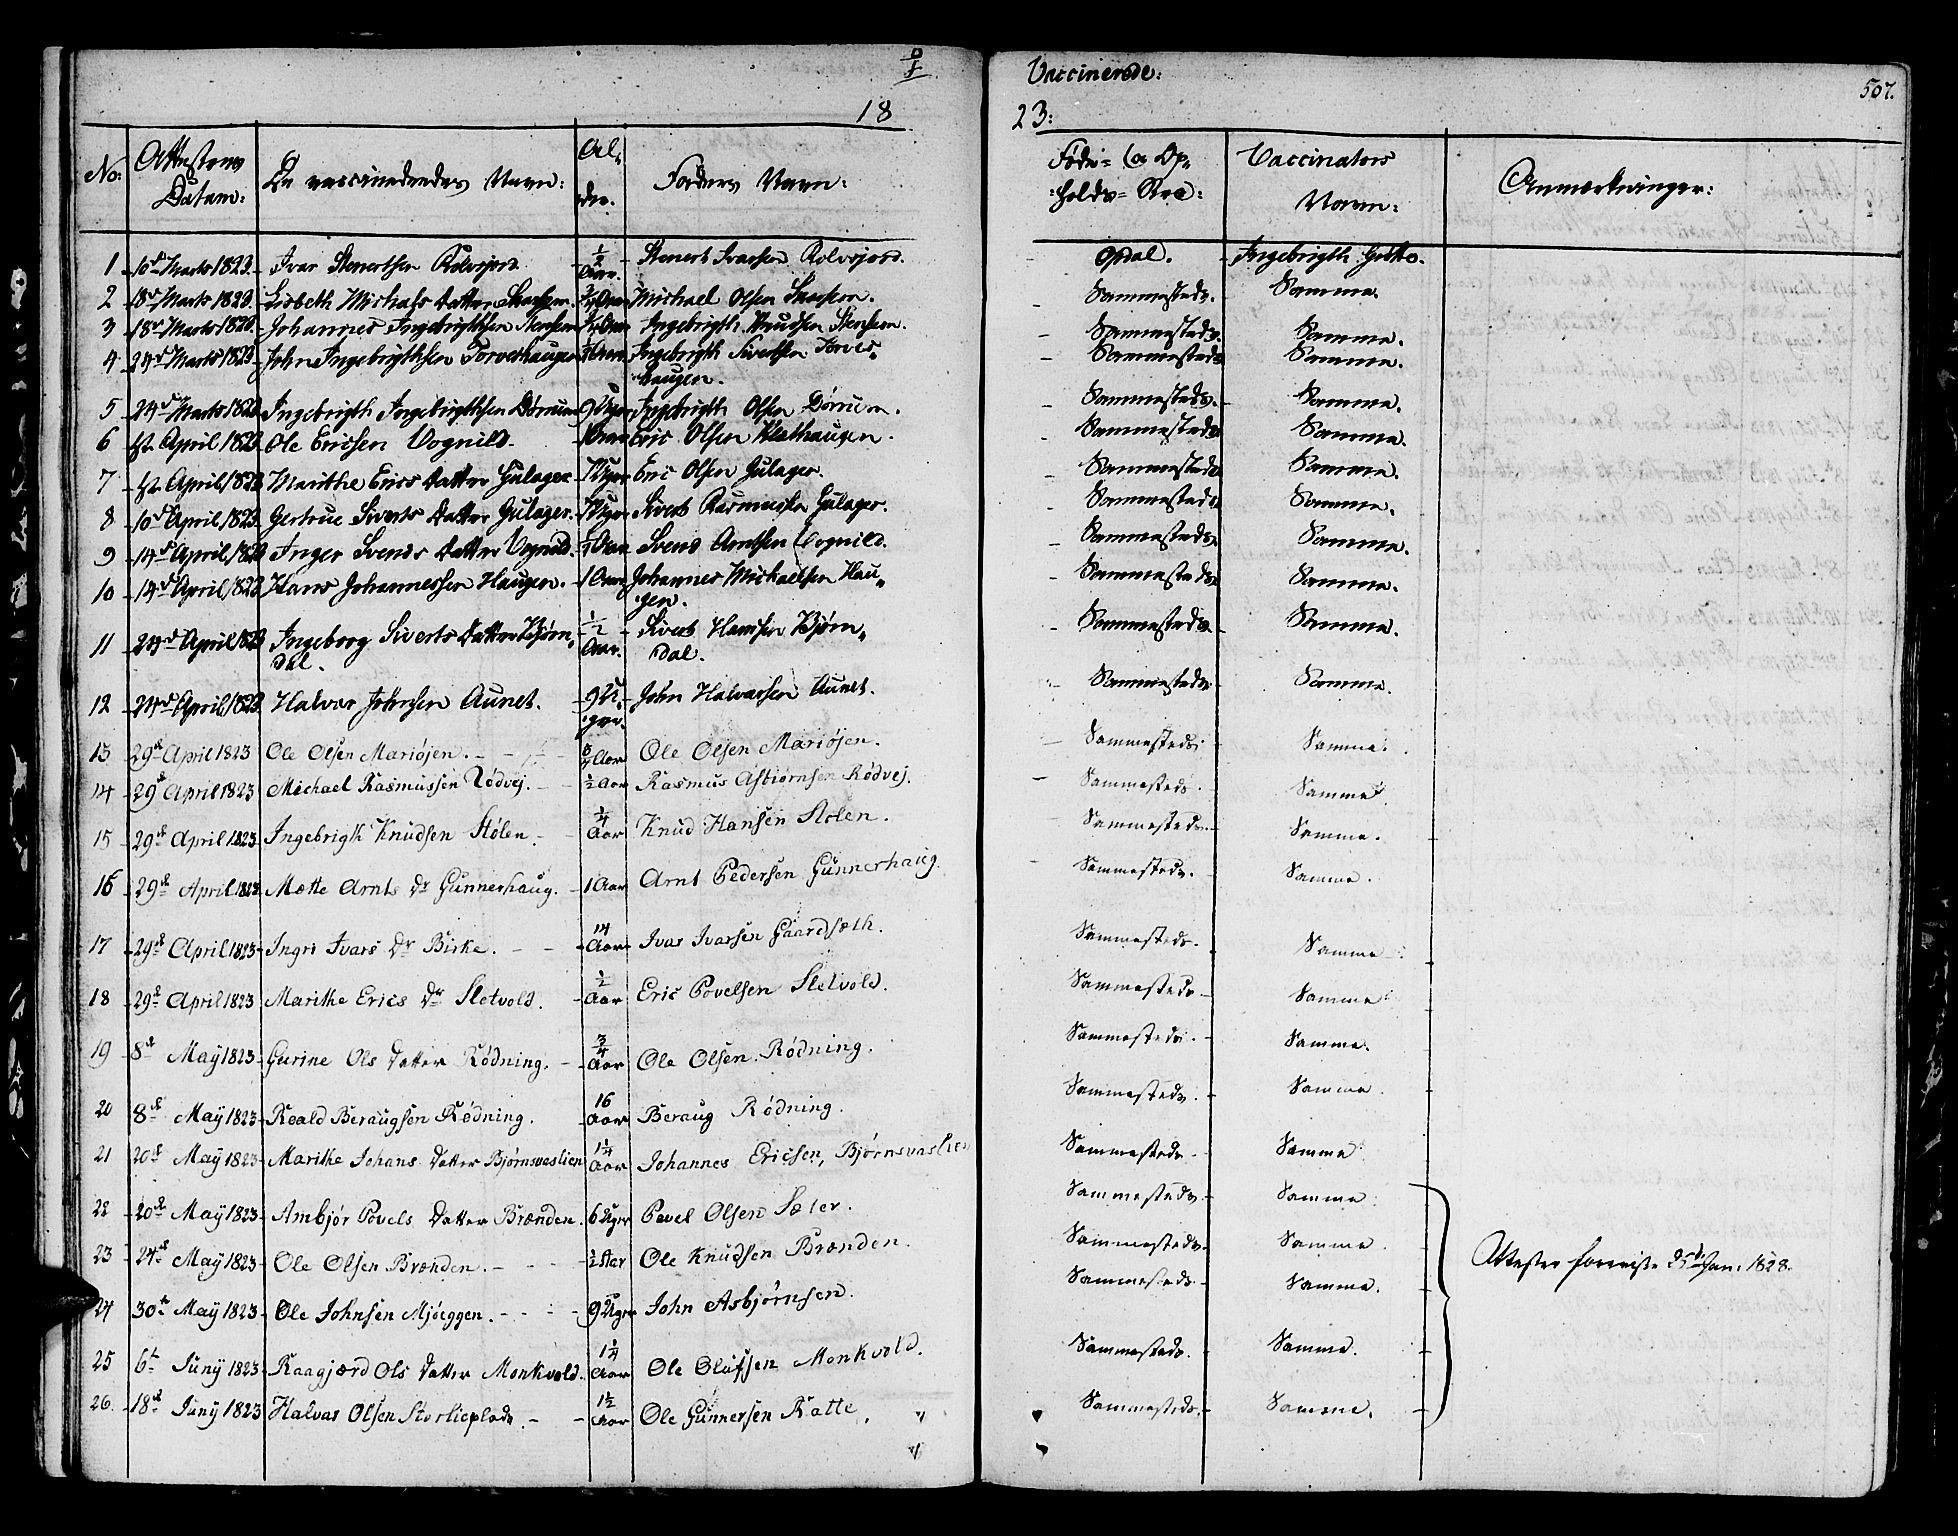 SAT, Ministerialprotokoller, klokkerbøker og fødselsregistre - Sør-Trøndelag, 678/L0897: Ministerialbok nr. 678A06-07, 1821-1847, s. 507